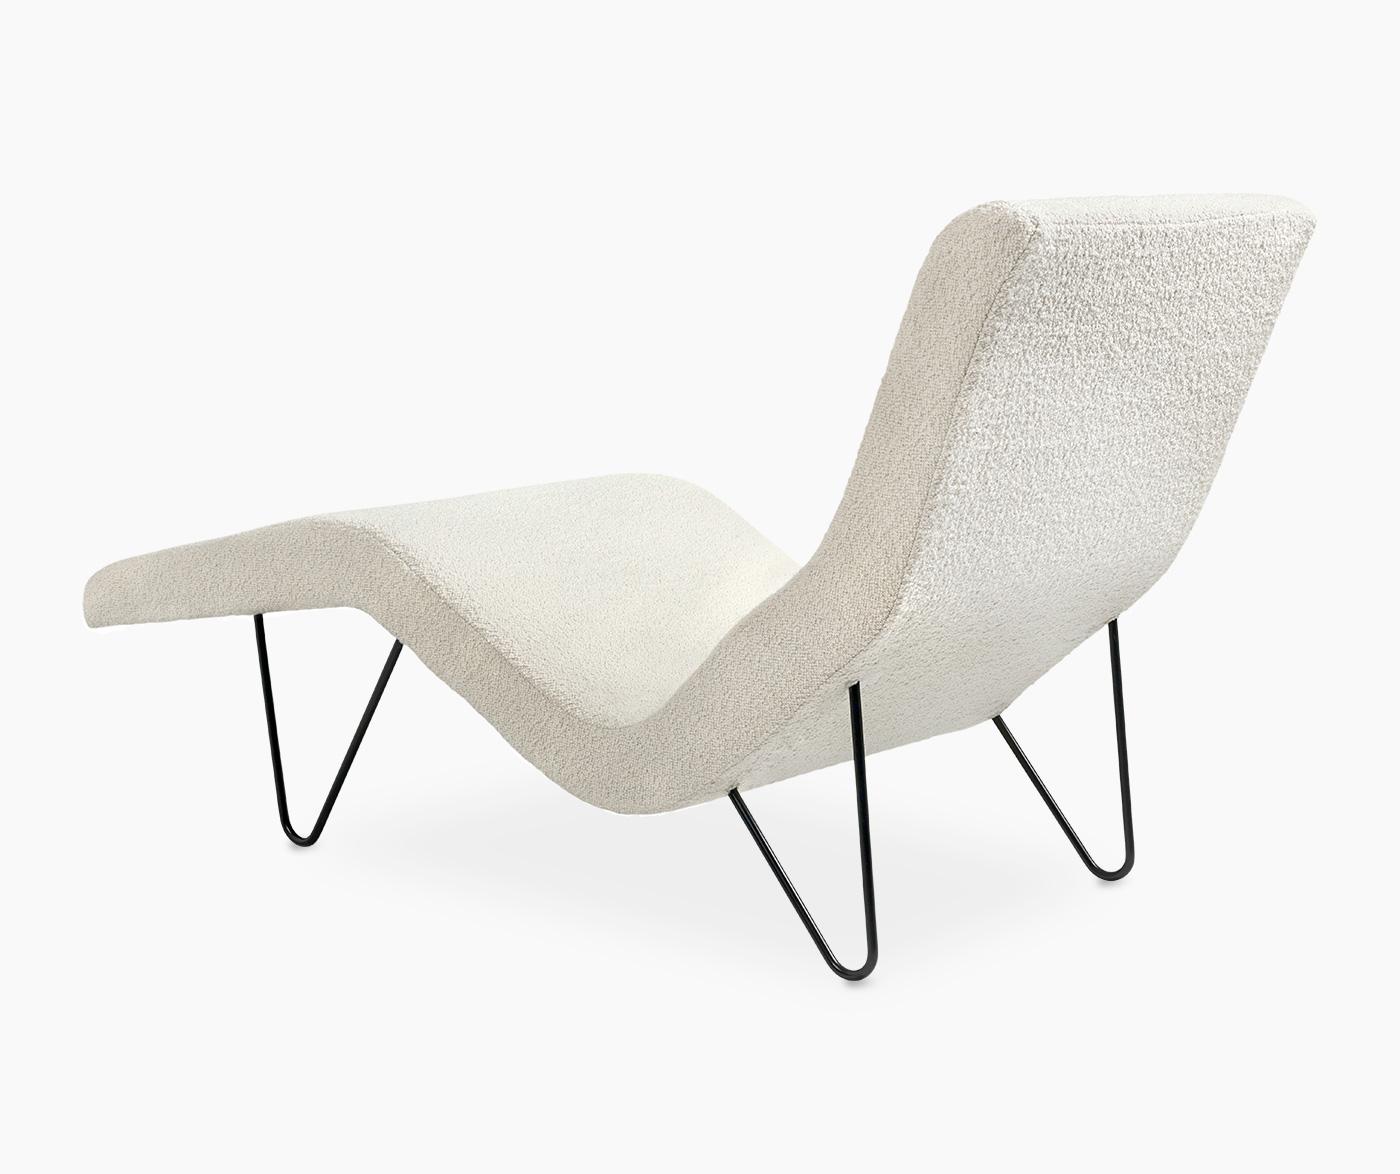 TinnappleMetz-Gubi-GMG-Chaise-lounge-07